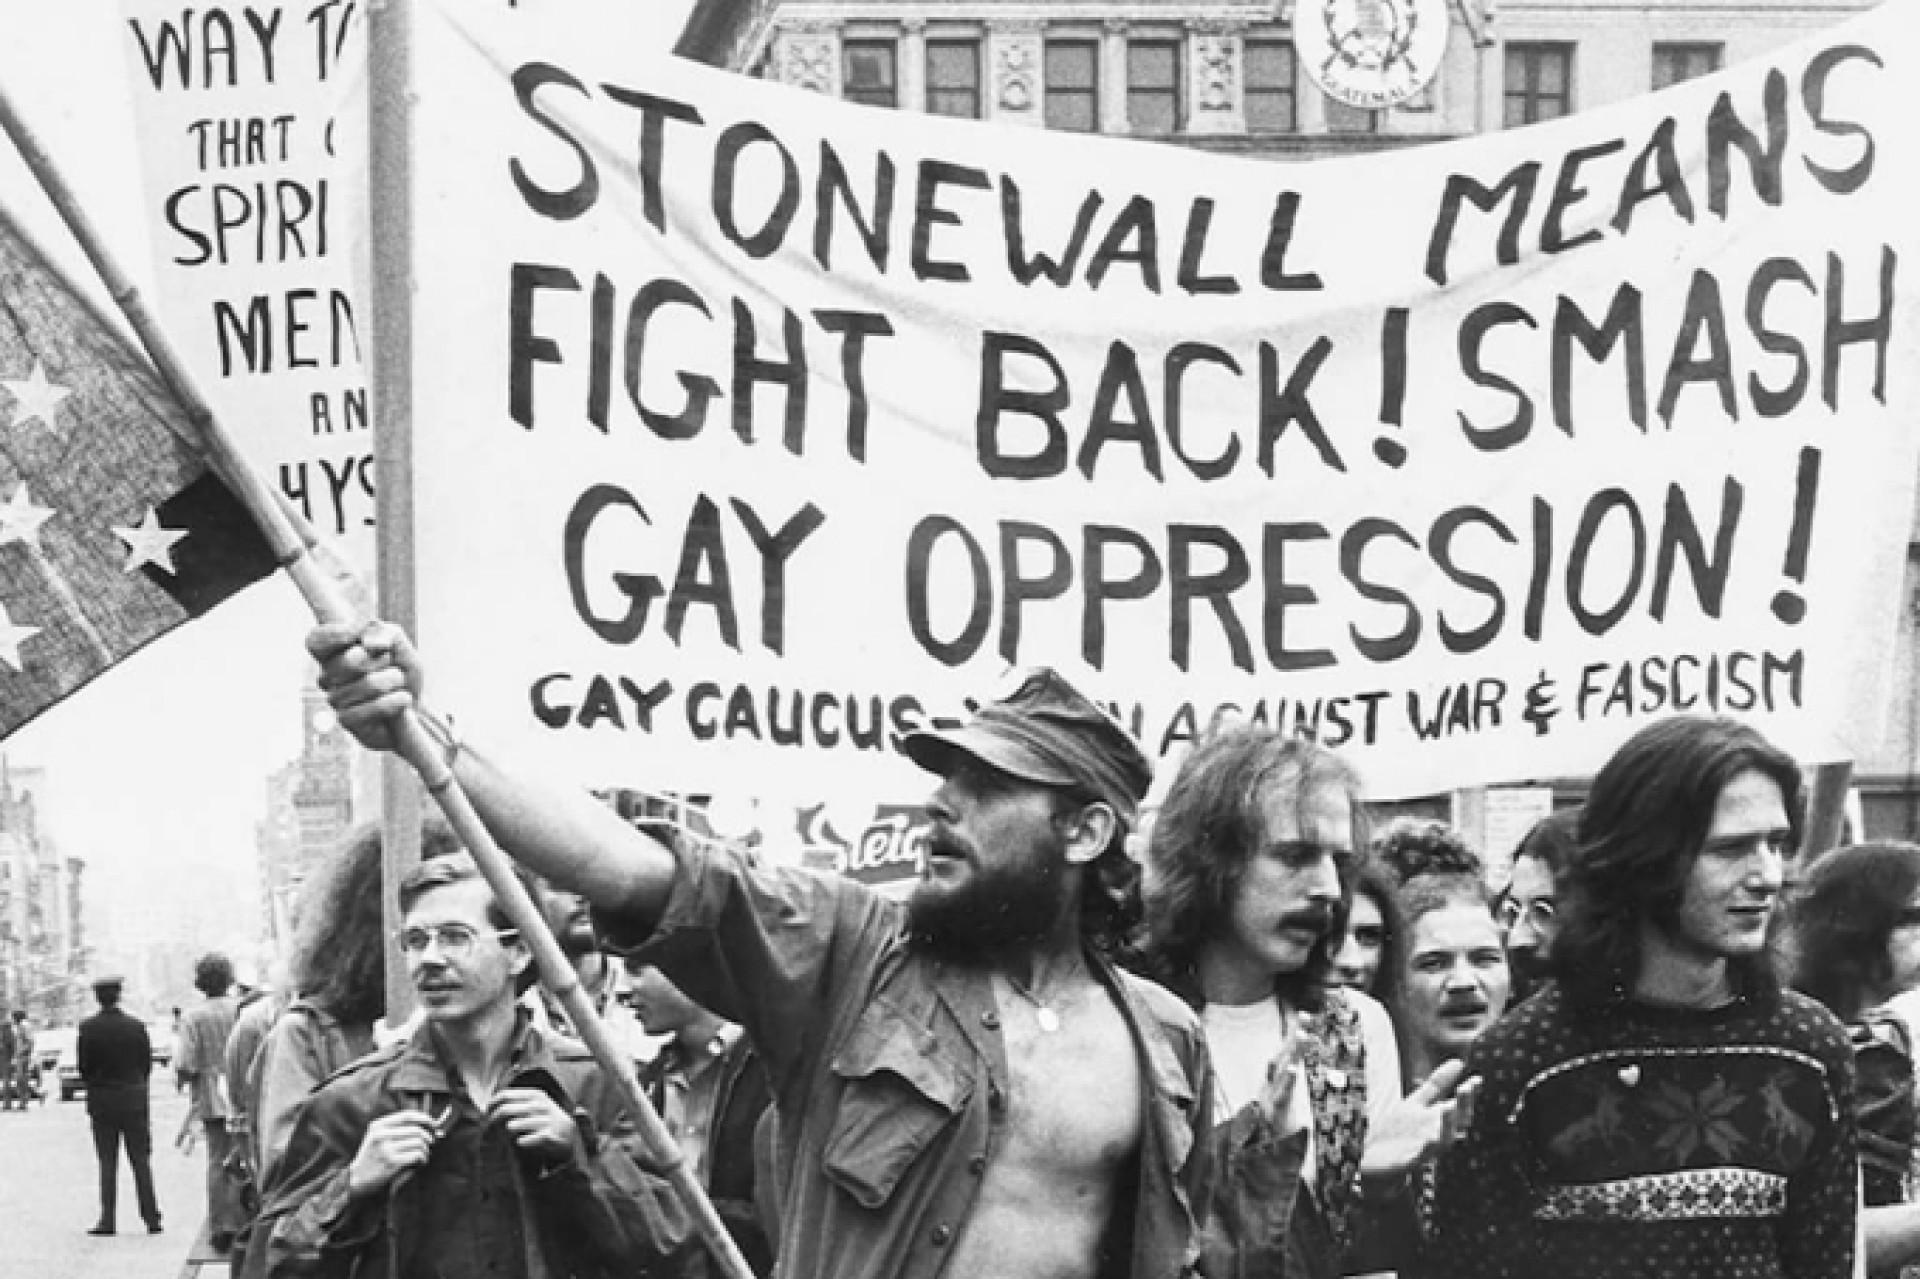 Os frequentadores do bar Stonewall se rebelaram contra tudo isso, tendo a opressão policial como estopim